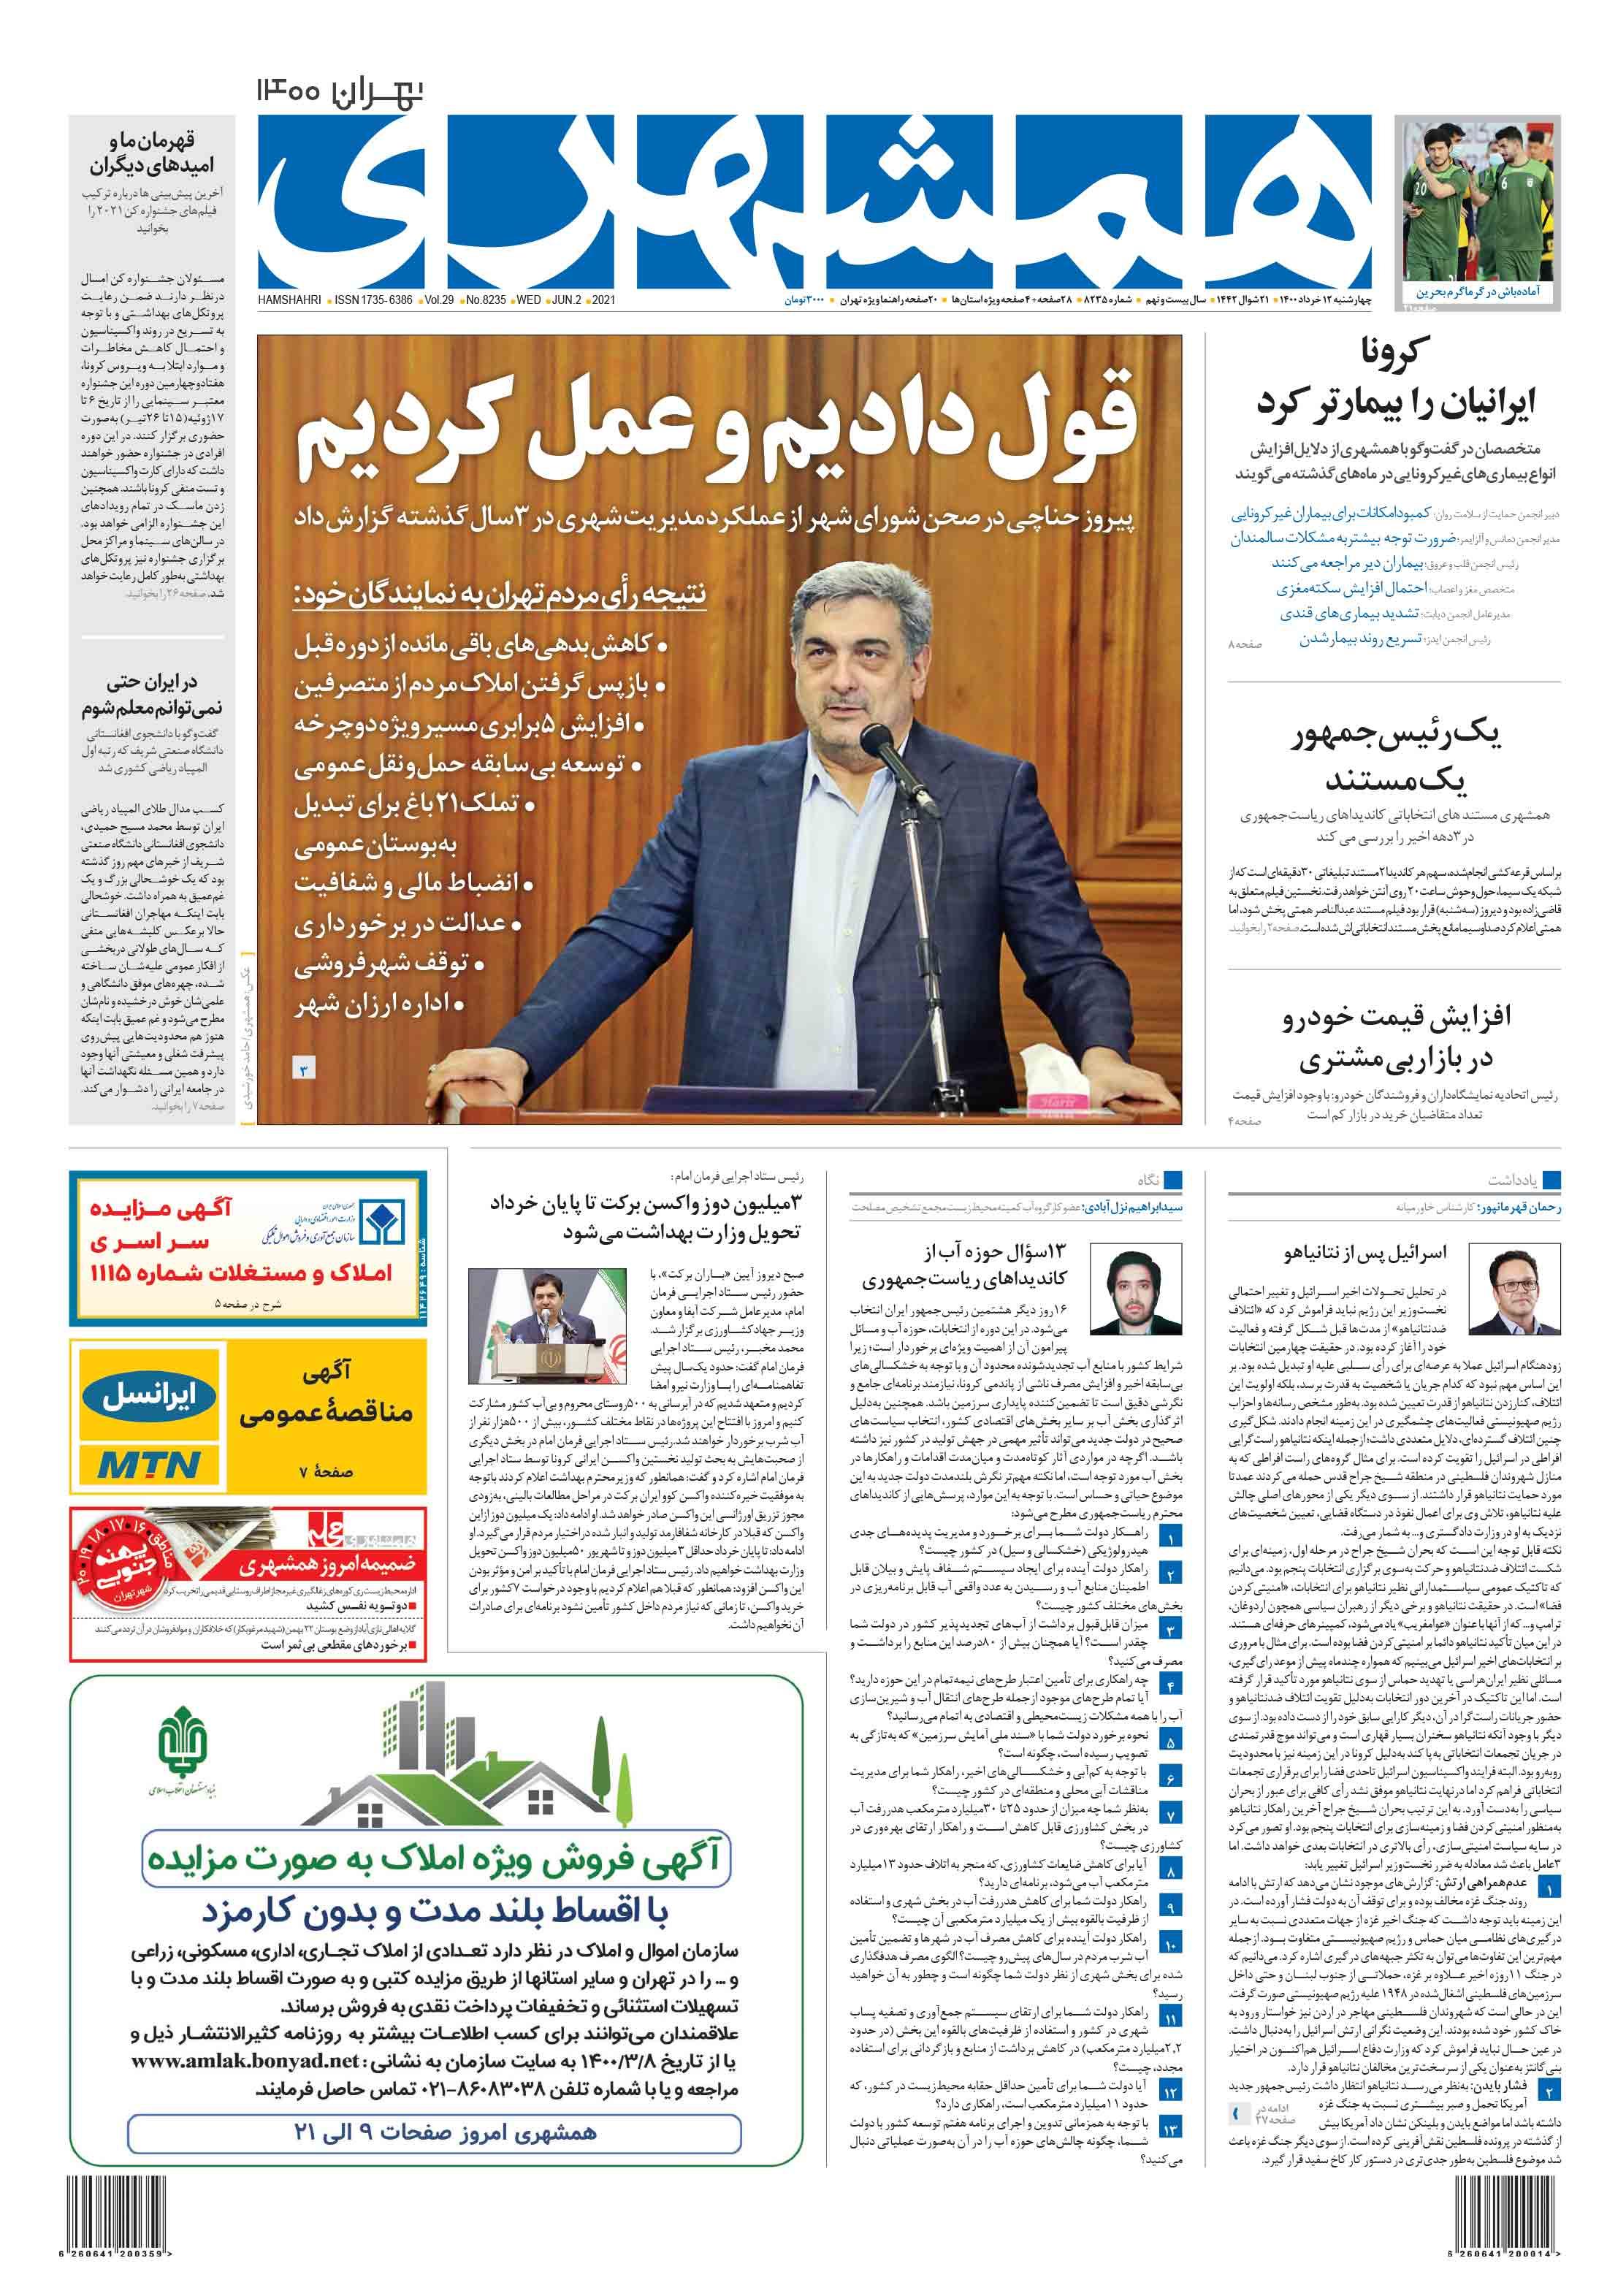 صفحه اول چهارشنبه 12 خرداد 1400